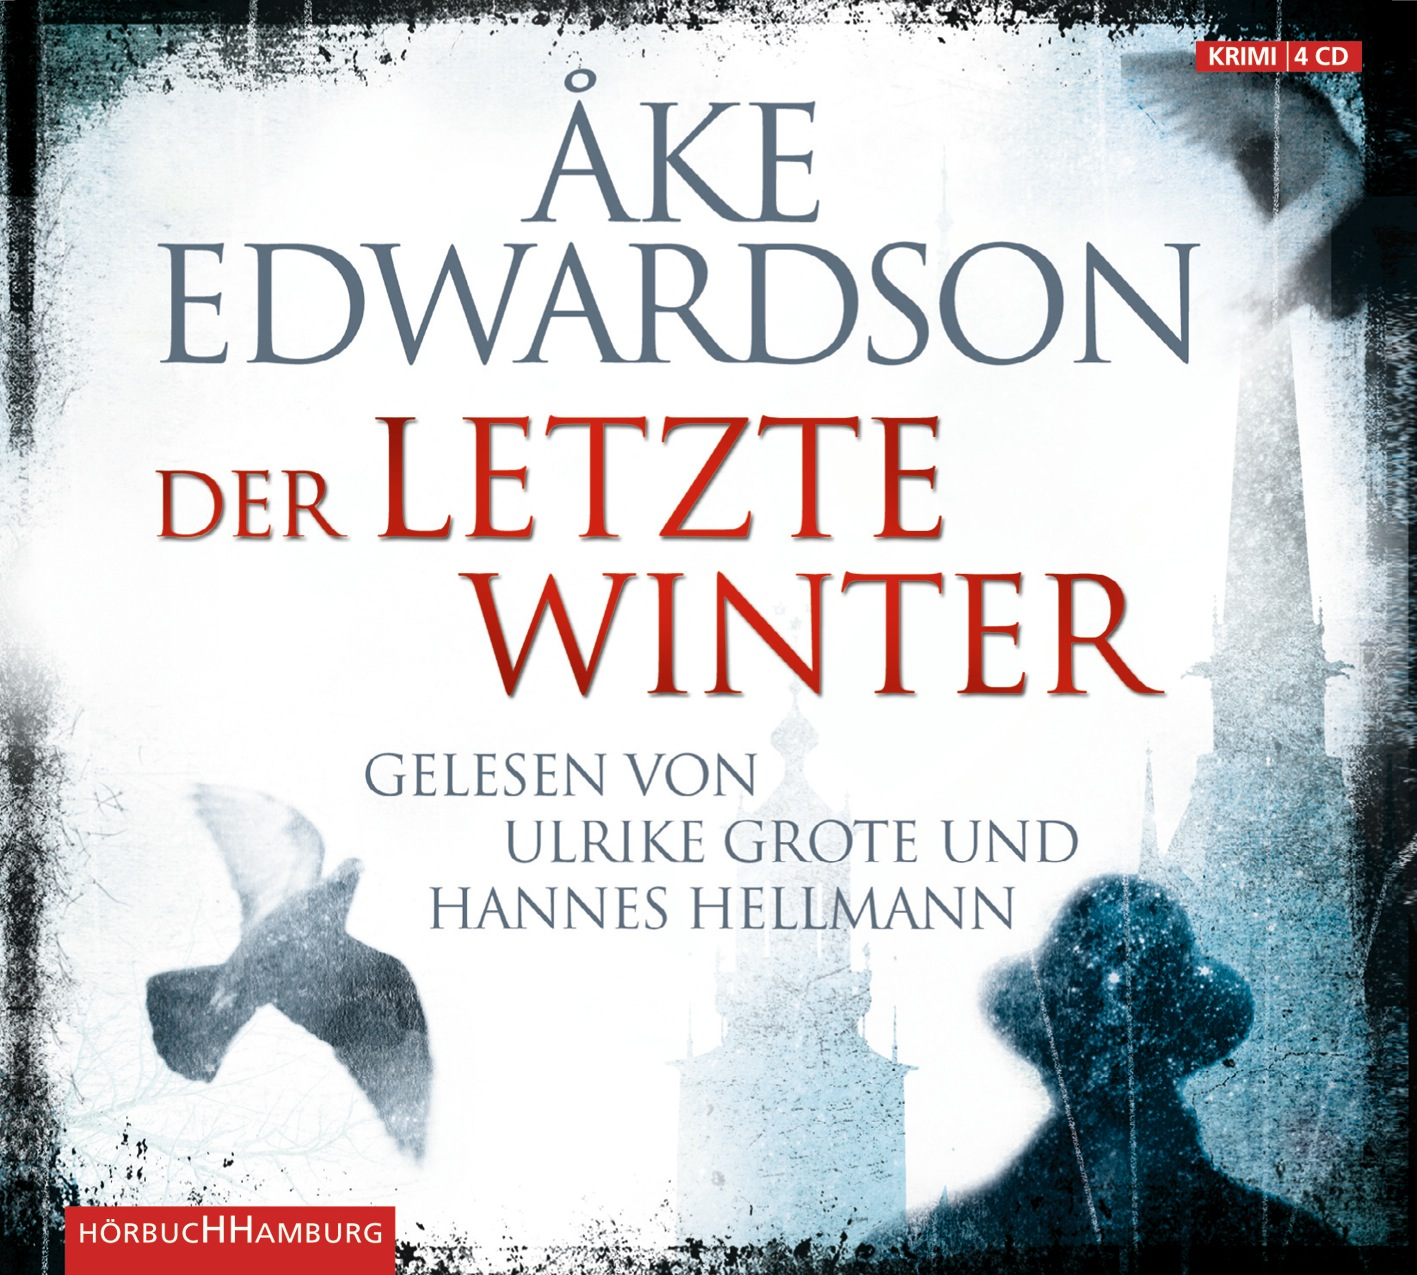 Der letzte Winter - Åke Edwardson